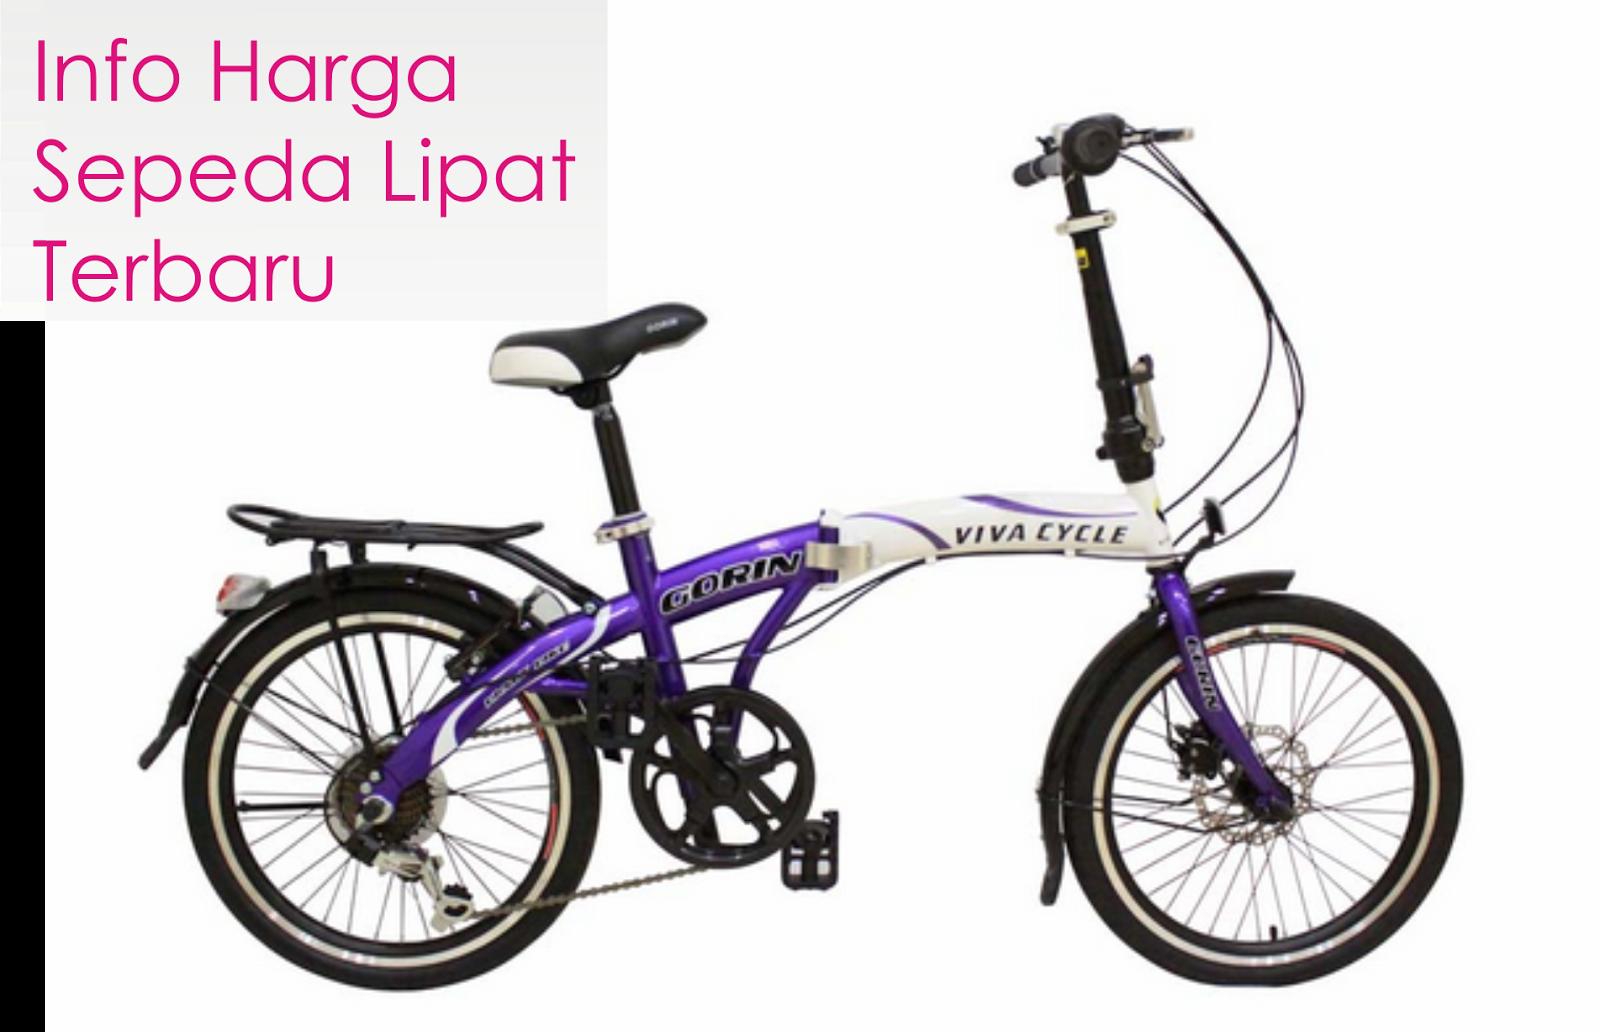 Daftar Harga Sepeda Lipat Delta, Twist, Viva Edisi Terbaru